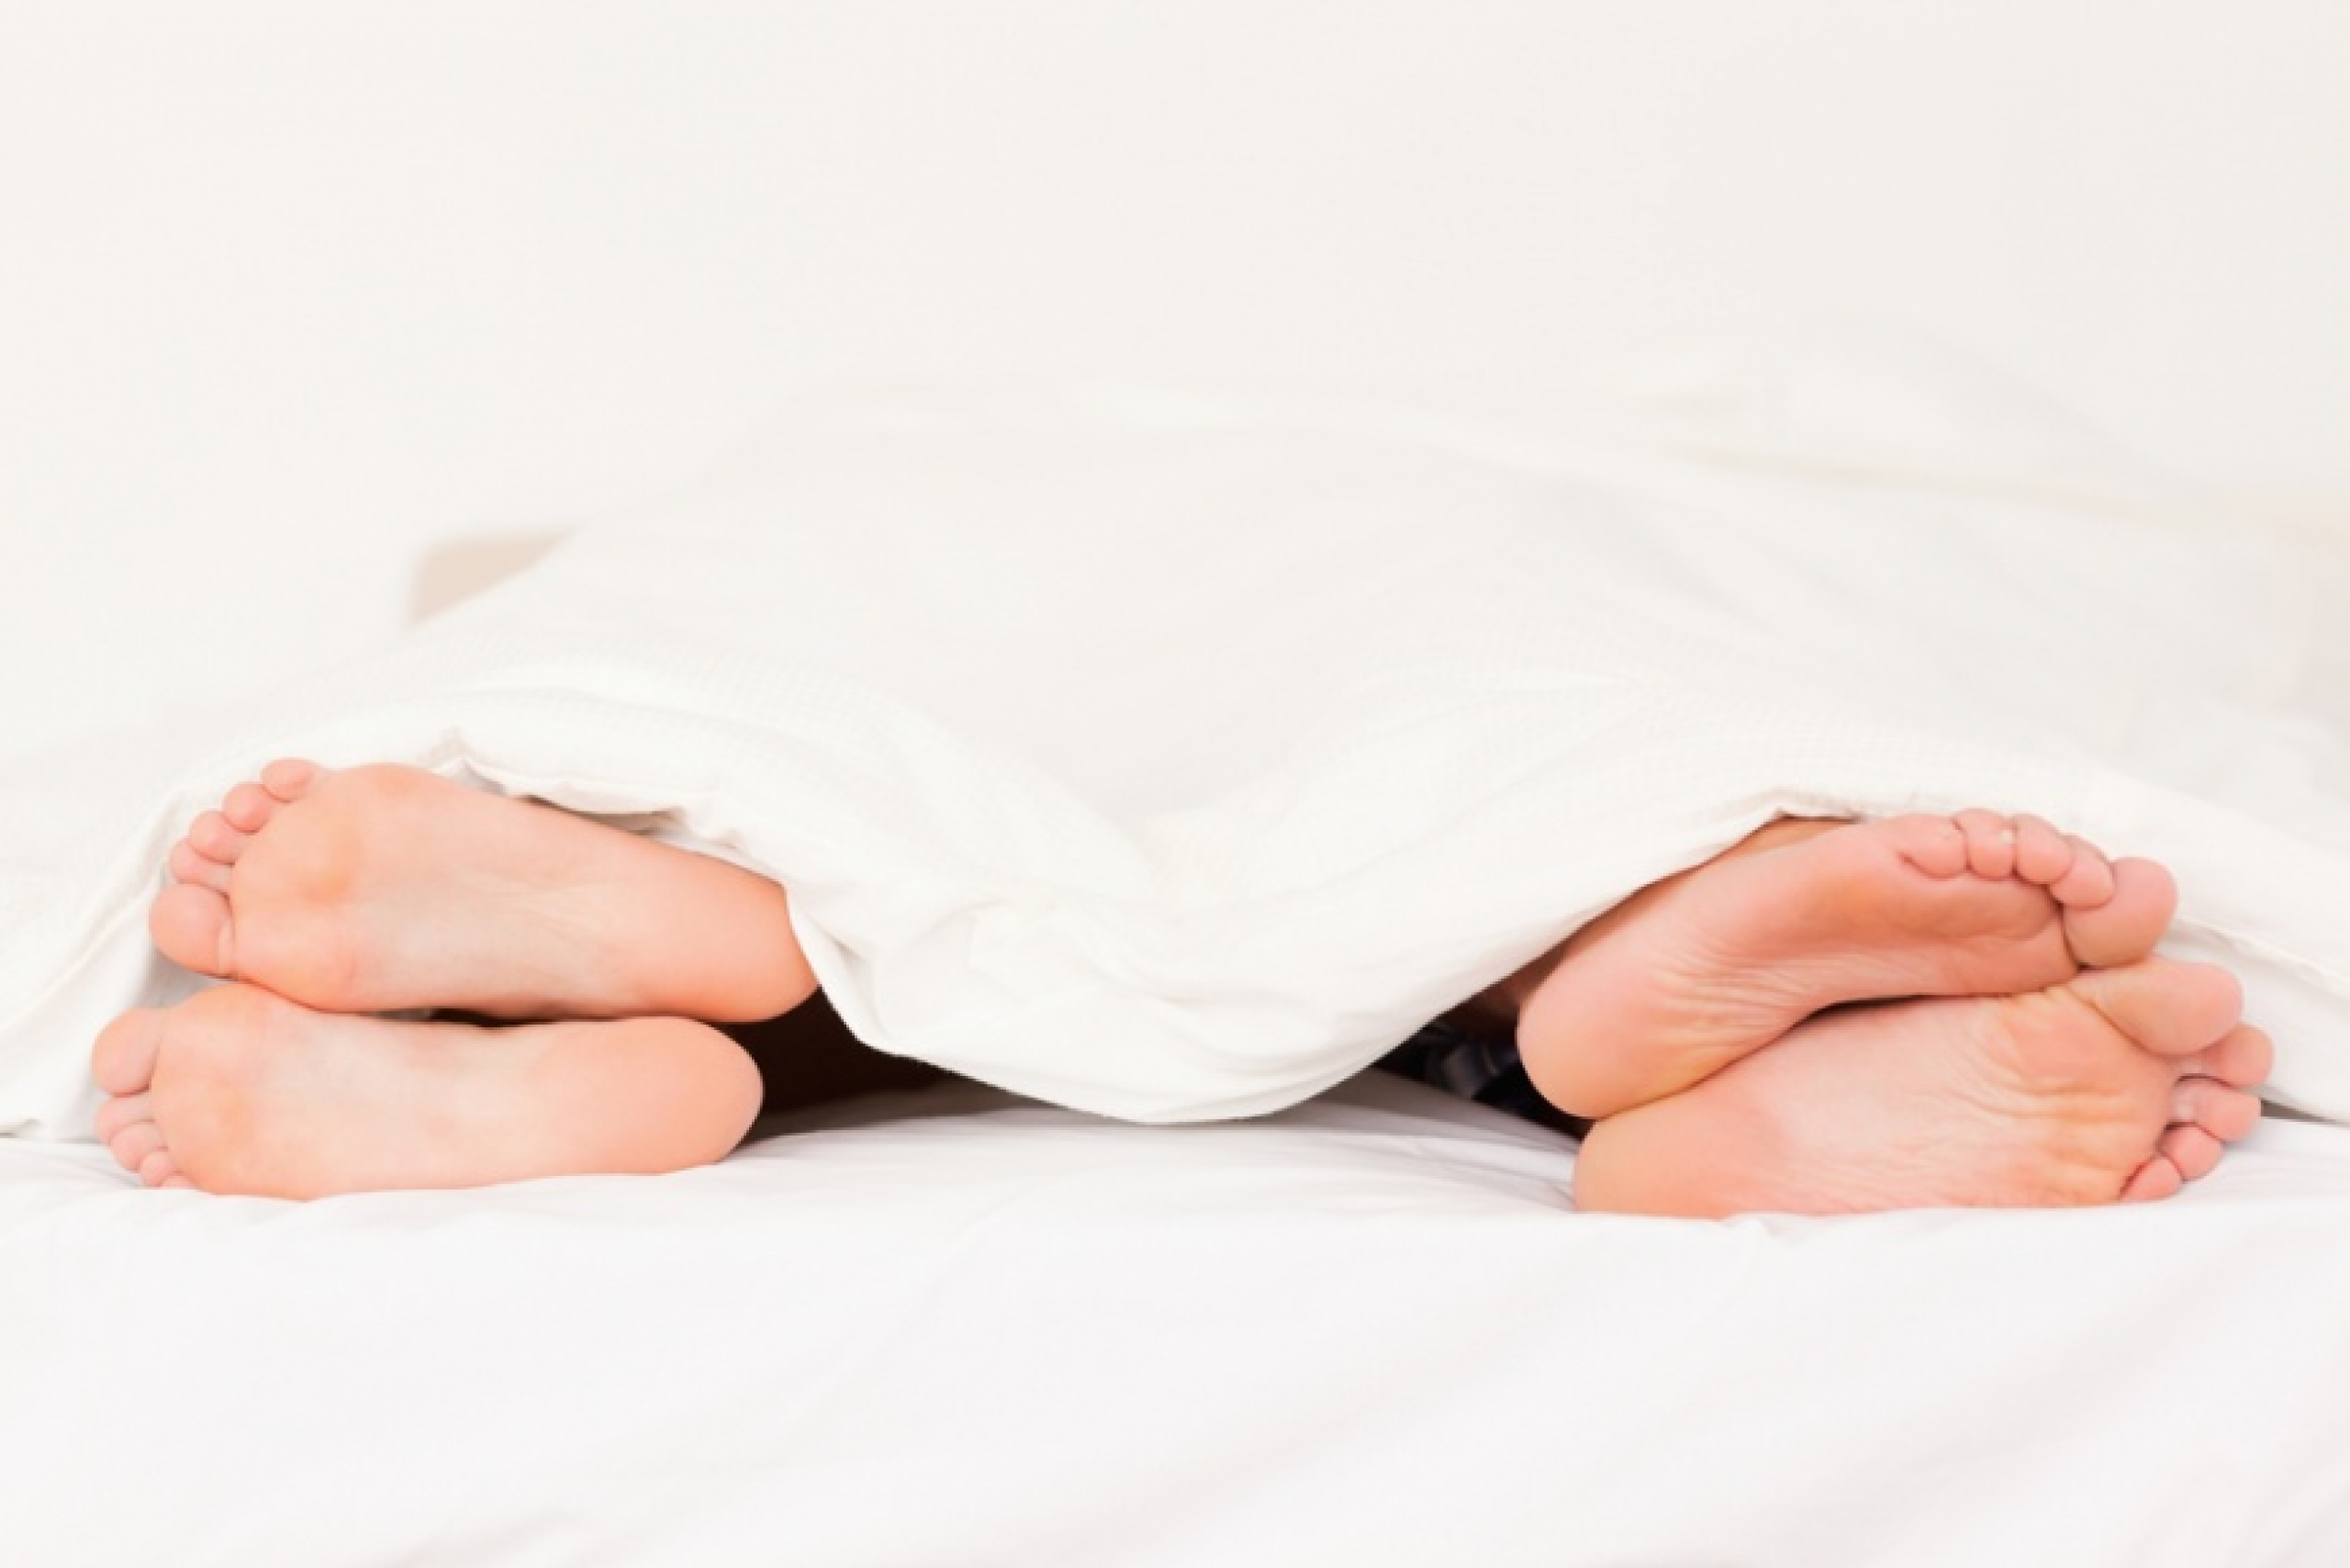 Подавить сексуальное увлечение у мужчины